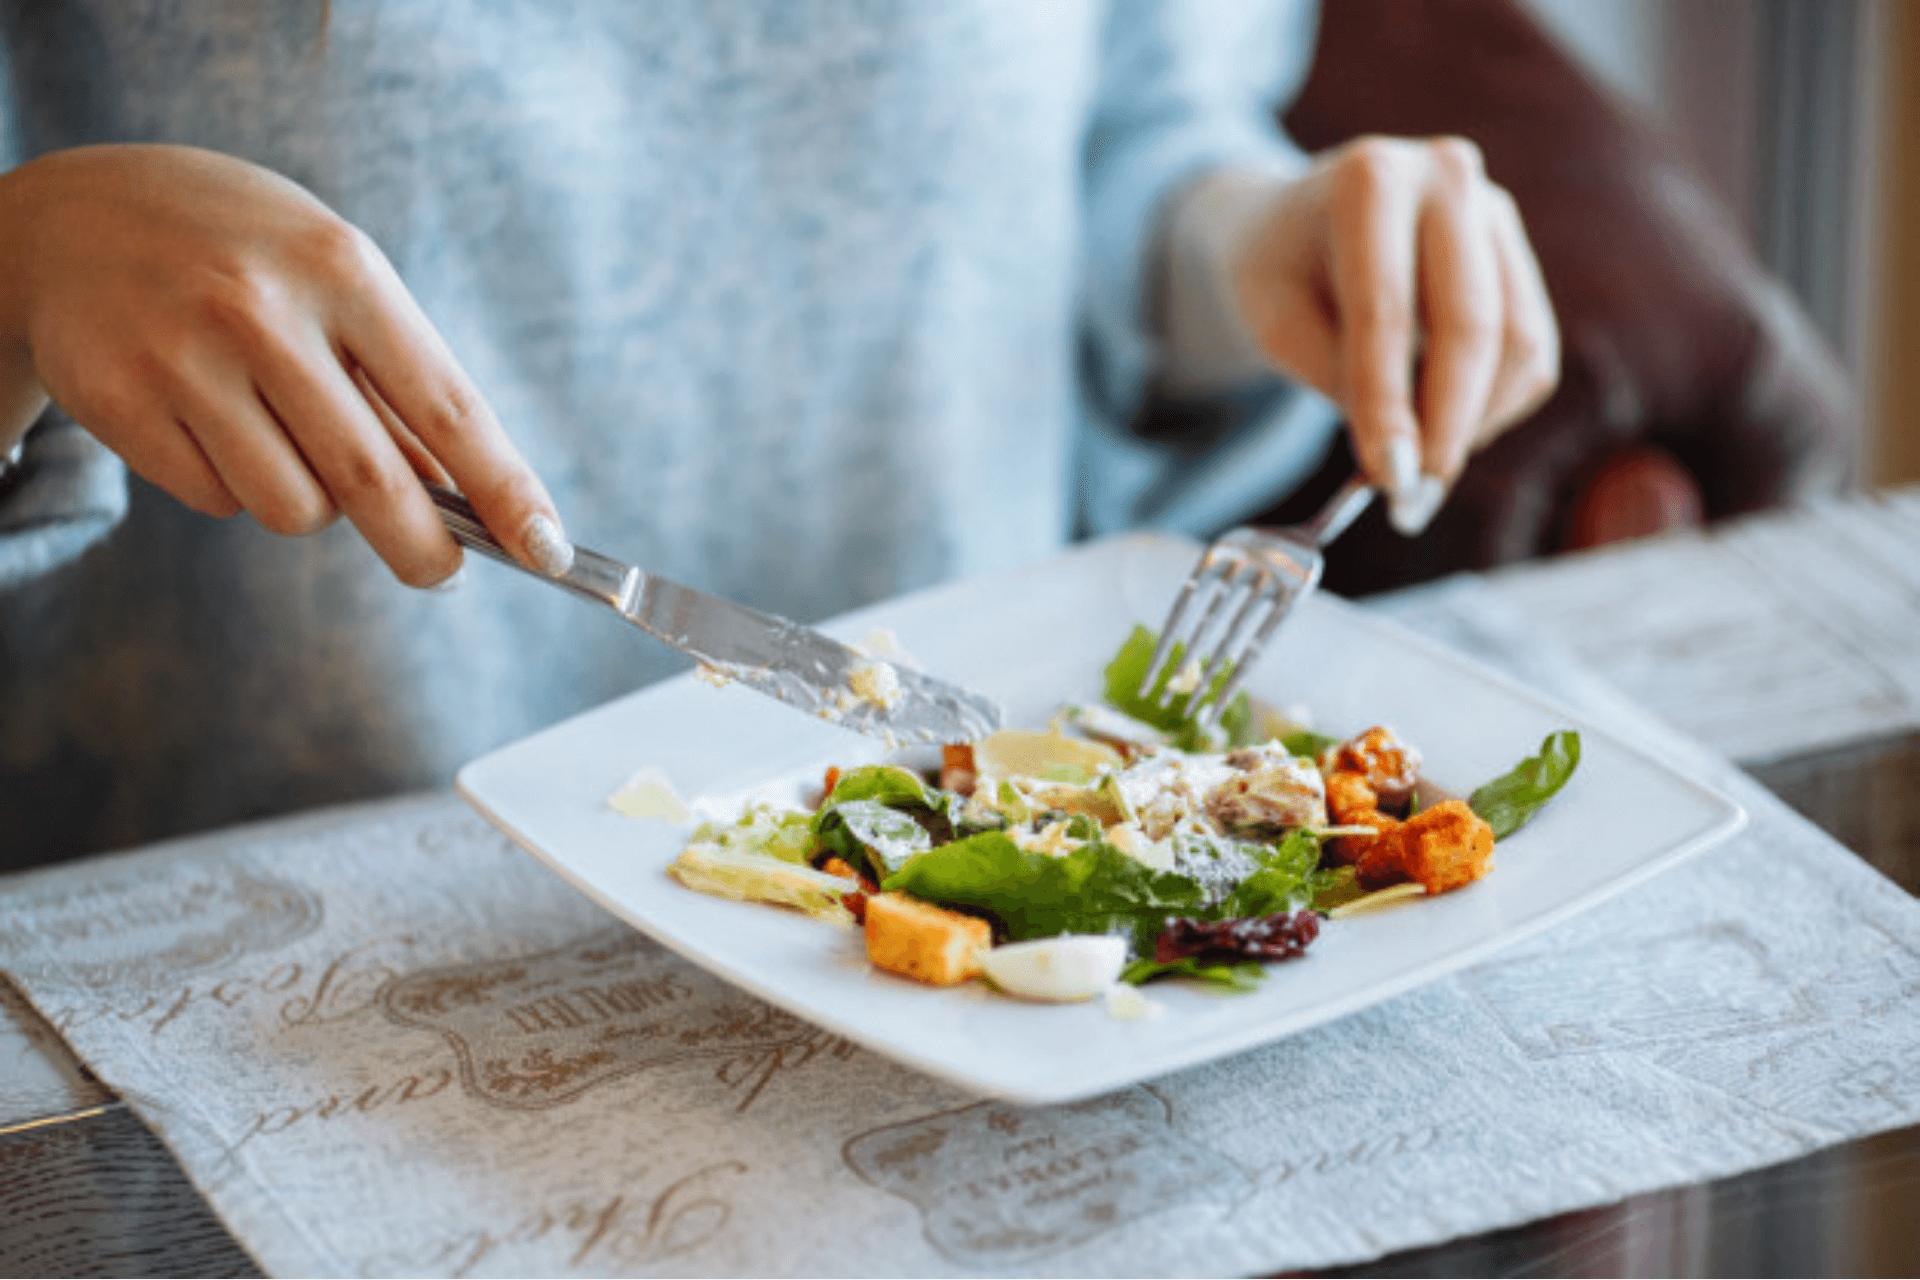 Dicas e truques para comer coisas gostosas de um jeito mais saudável